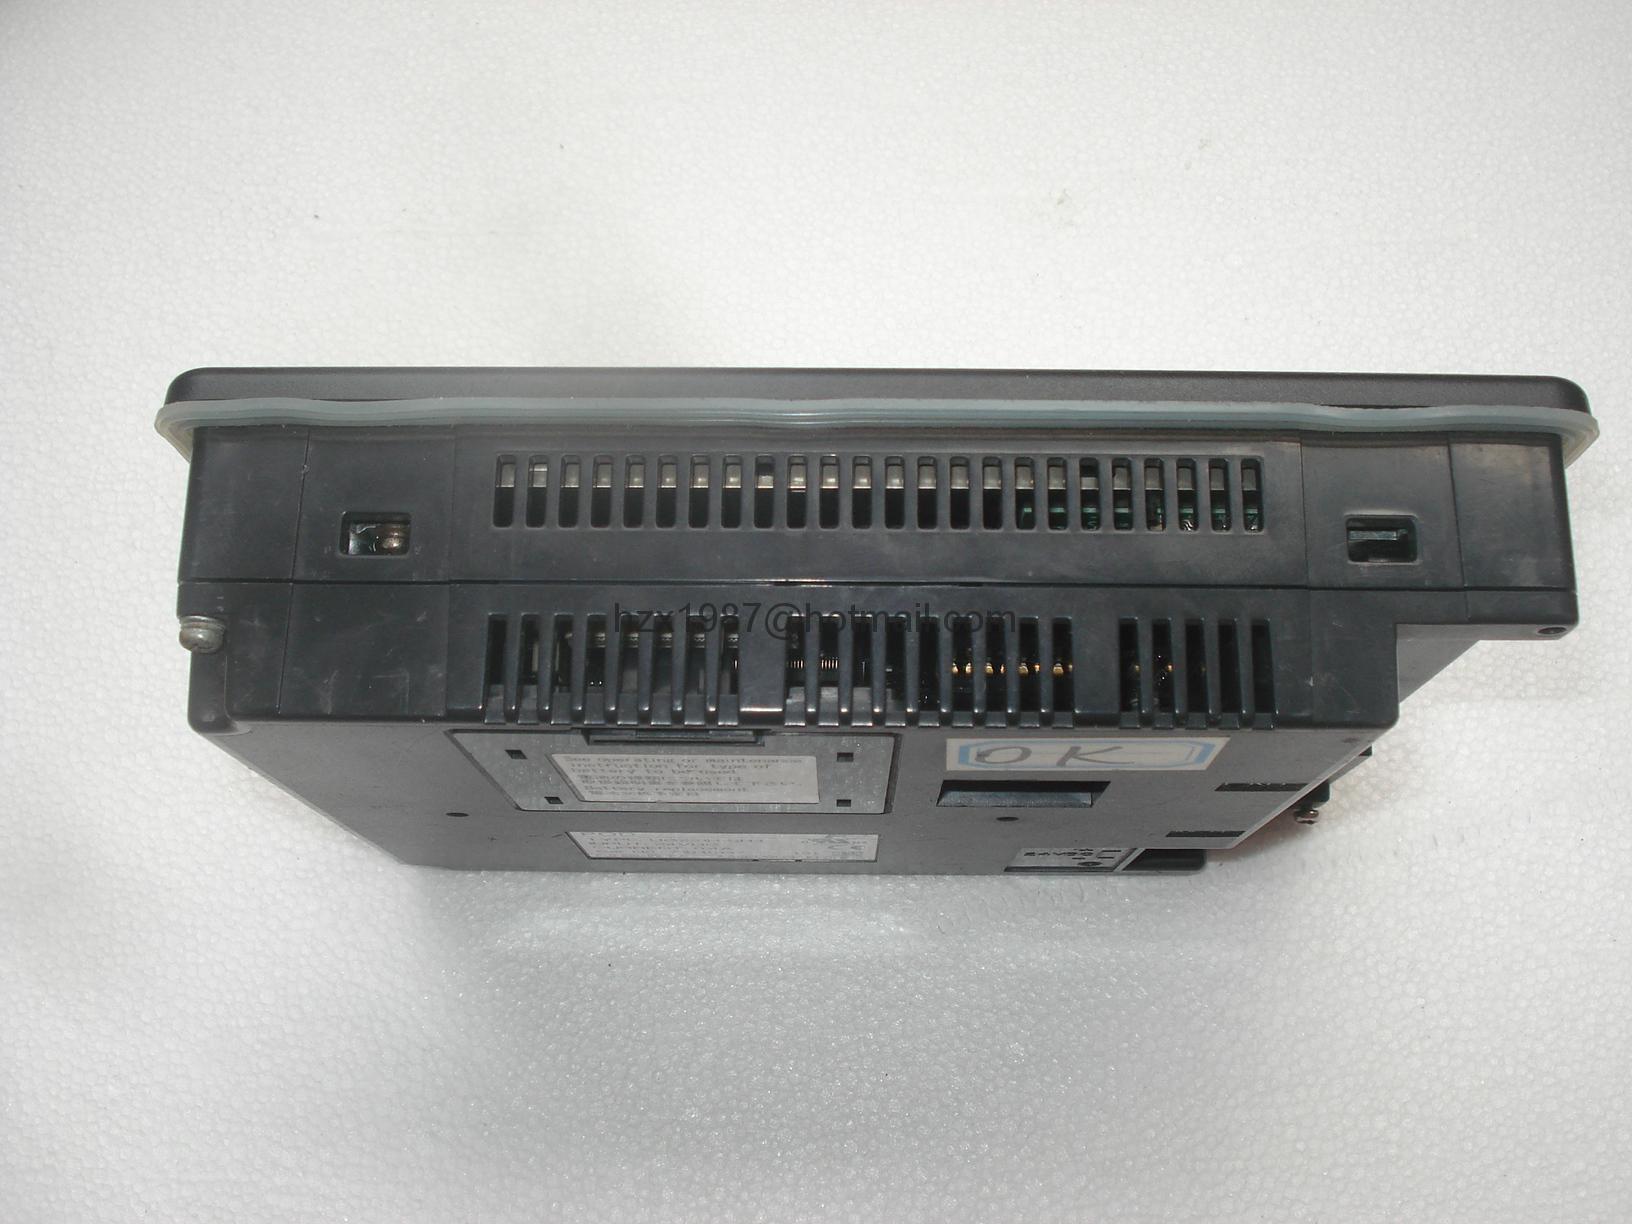 FUJI monitor ,UG330H-SS4 UG330H-SC4 UG330H-VH4 UG330H-VS4 ,touch panel 5